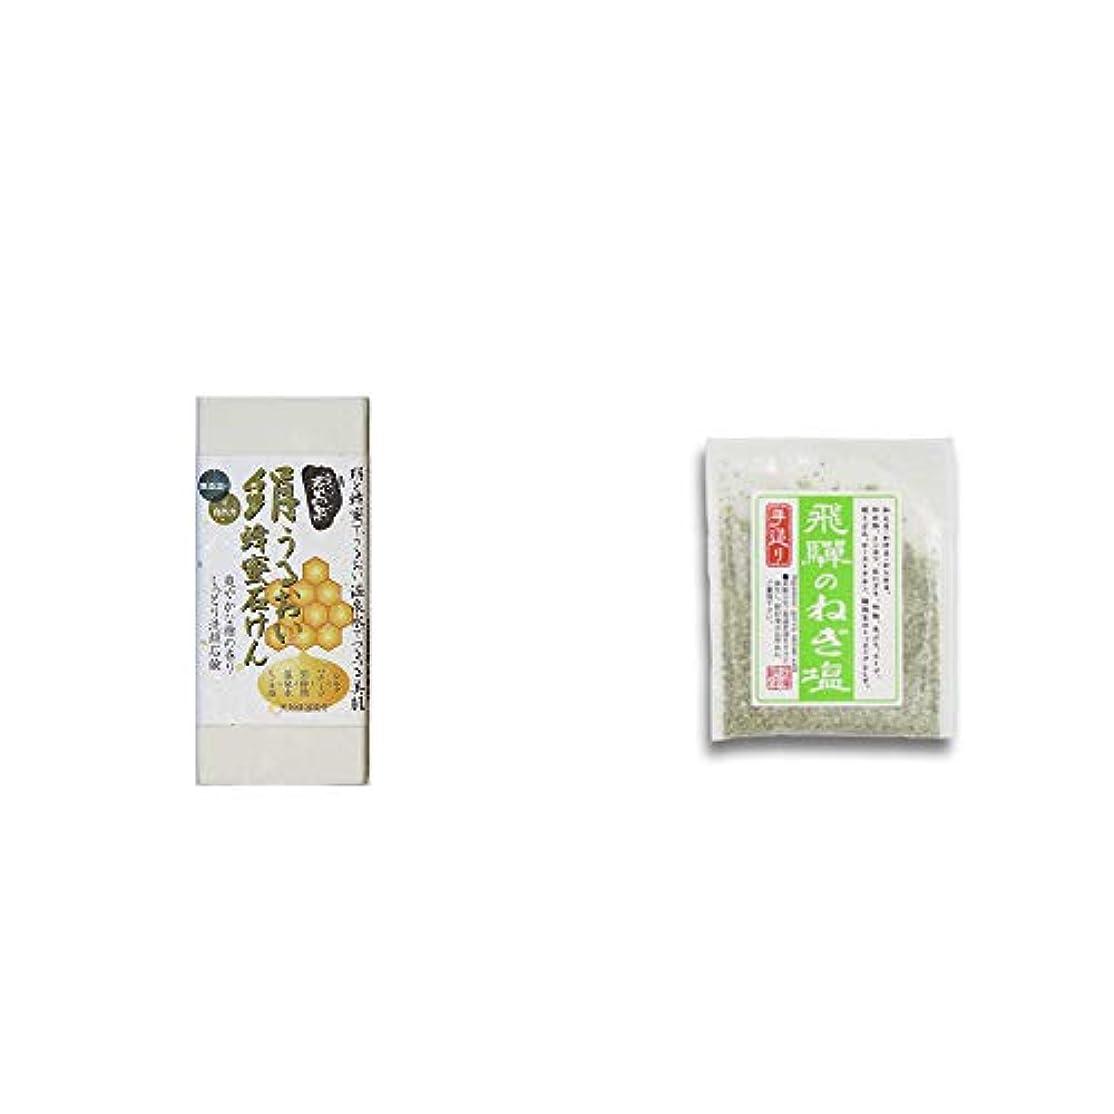 悪因子腹痛現実的[2点セット] ひのき炭黒泉 絹うるおい蜂蜜石けん(75g×2)?手造り 飛騨のねぎ塩(40g)